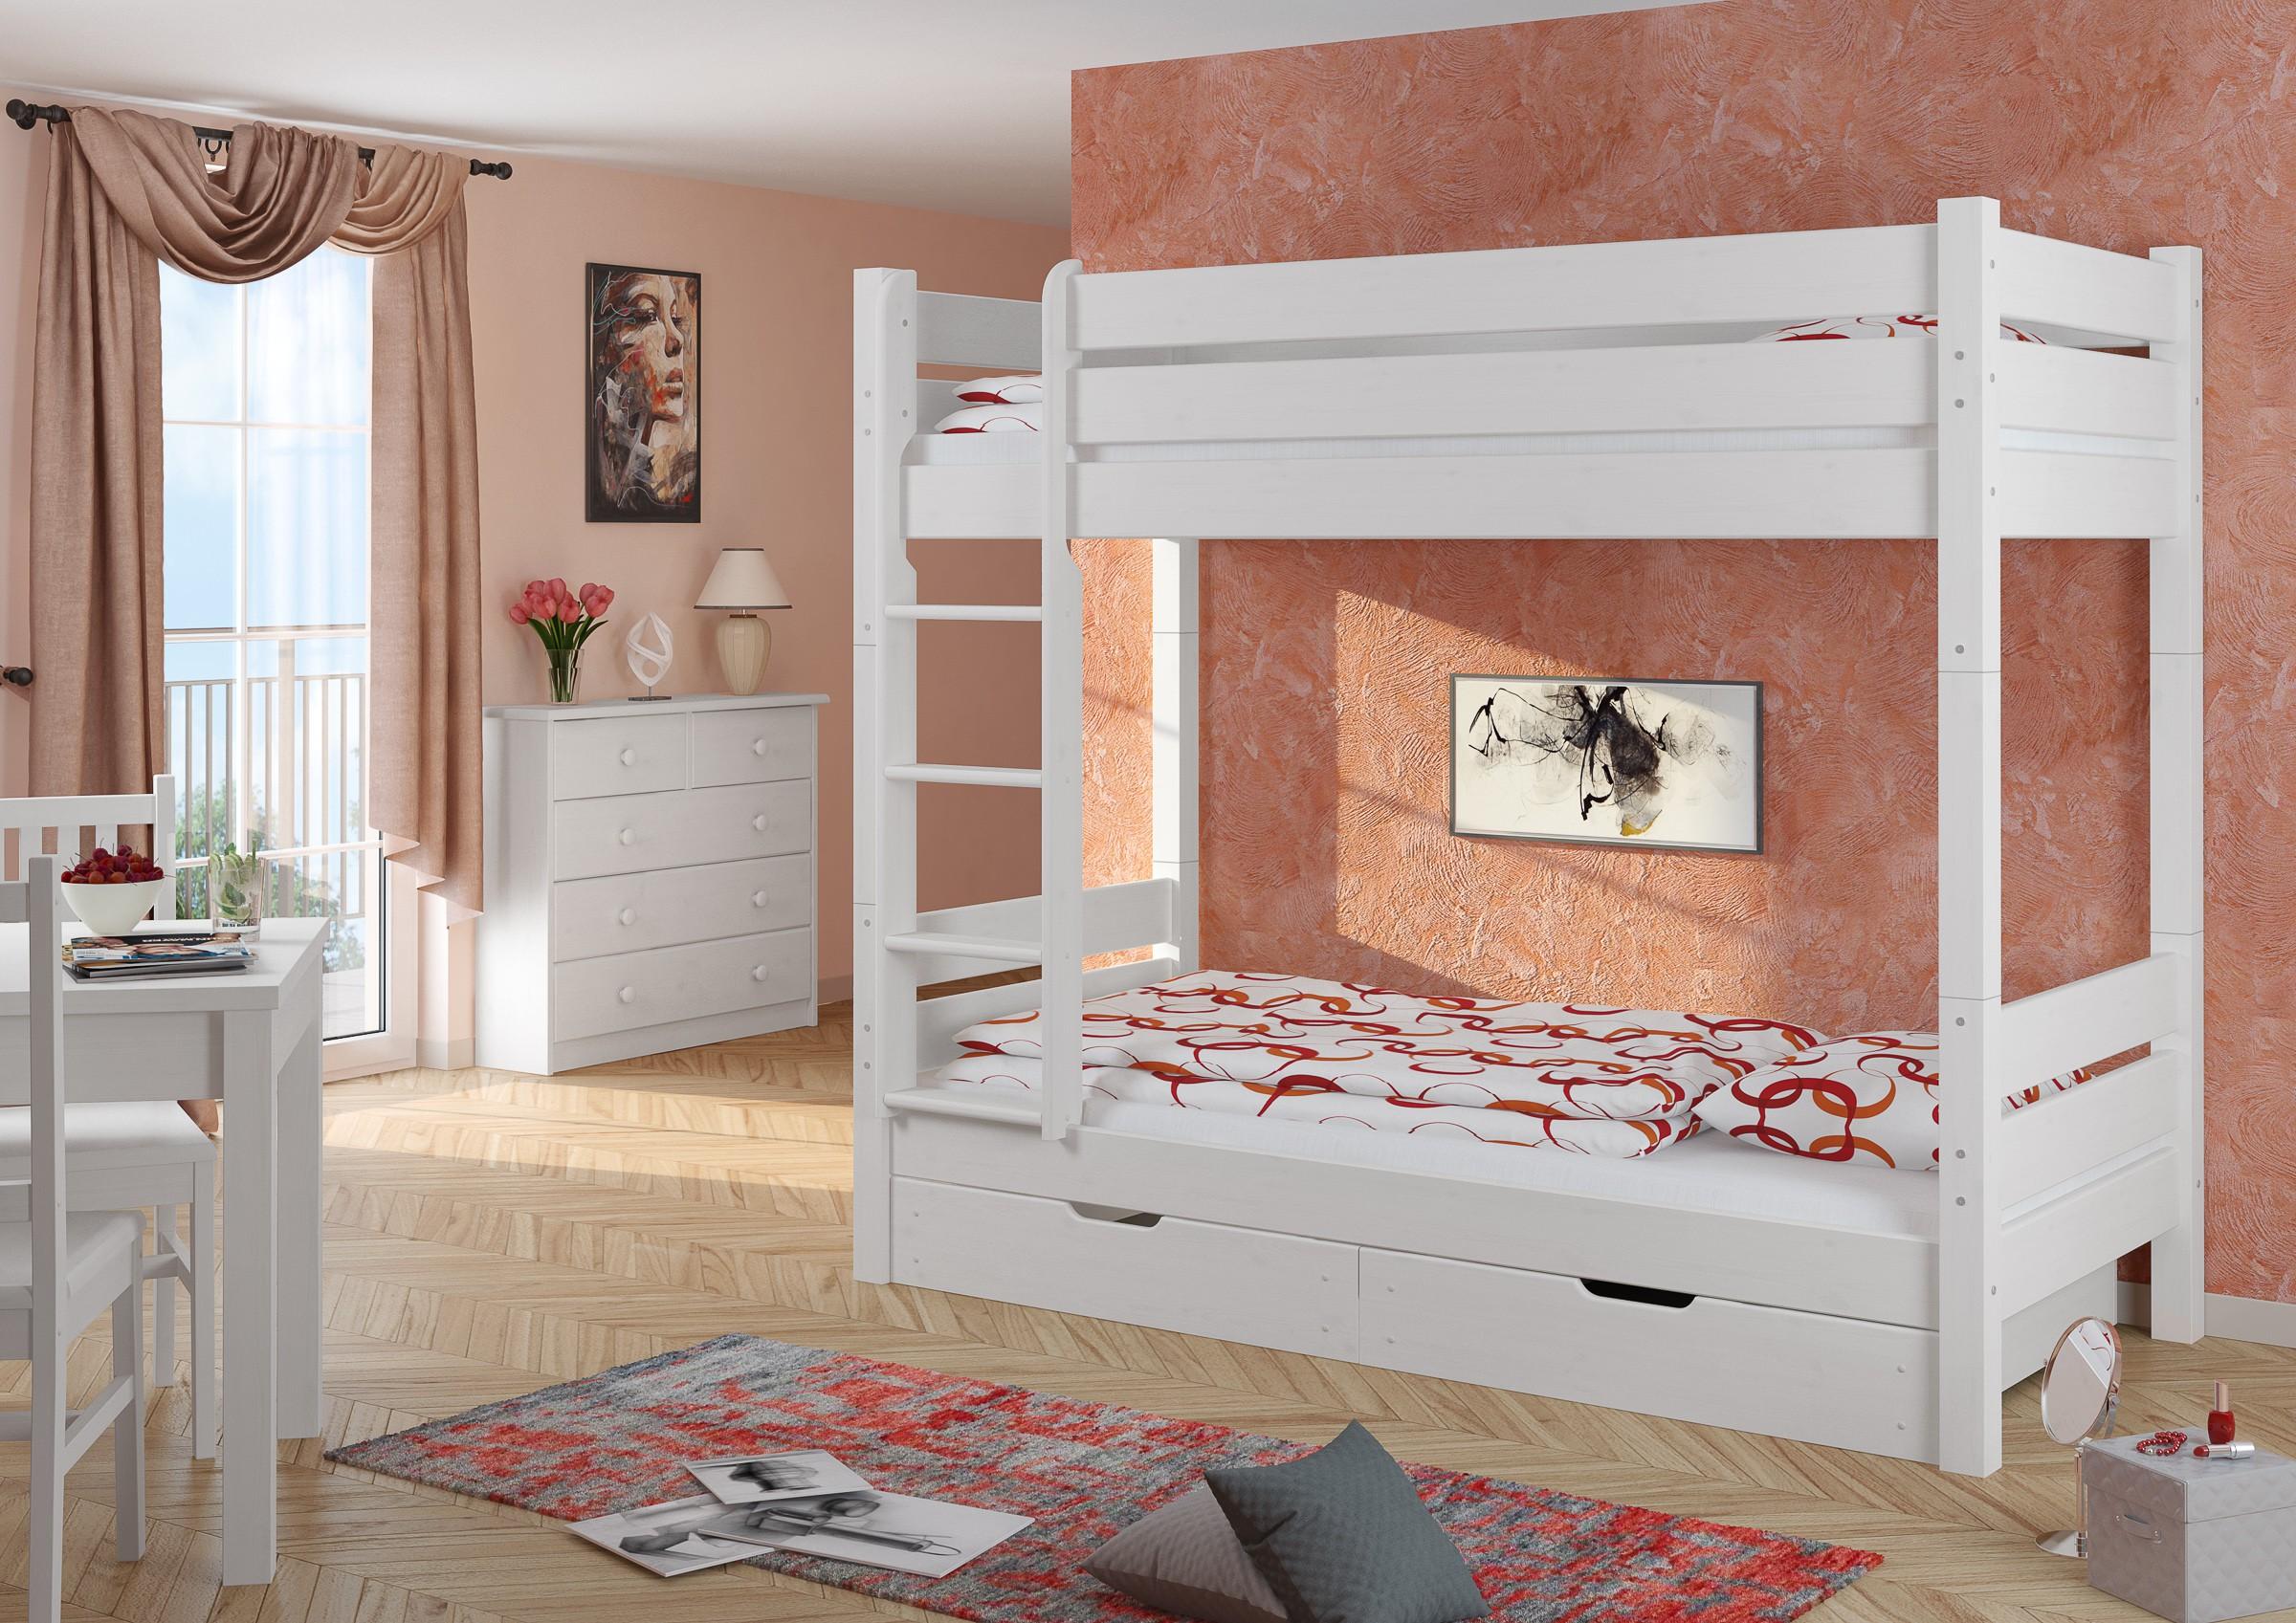 Etagenbett Für Erwachsene Schweiz : Hochbetten für erwachsene nach maß